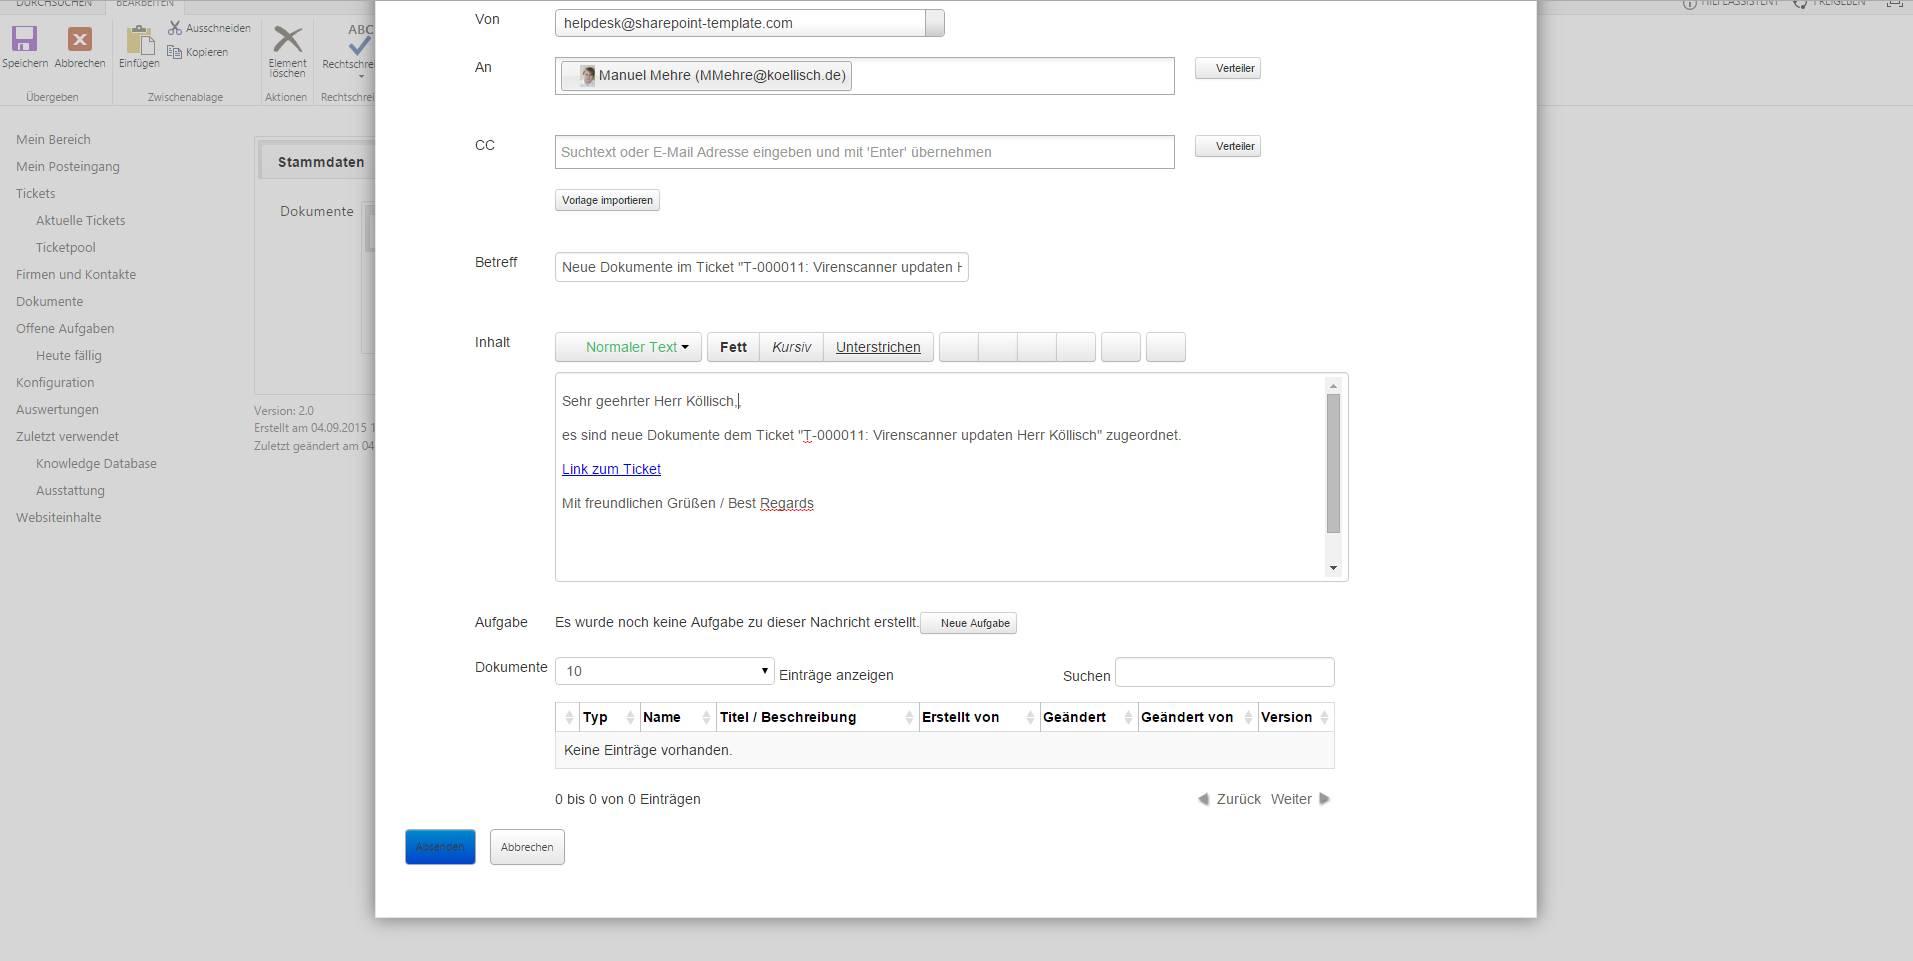 sharepoint helpdesk und ticketsystem f r ihr support team